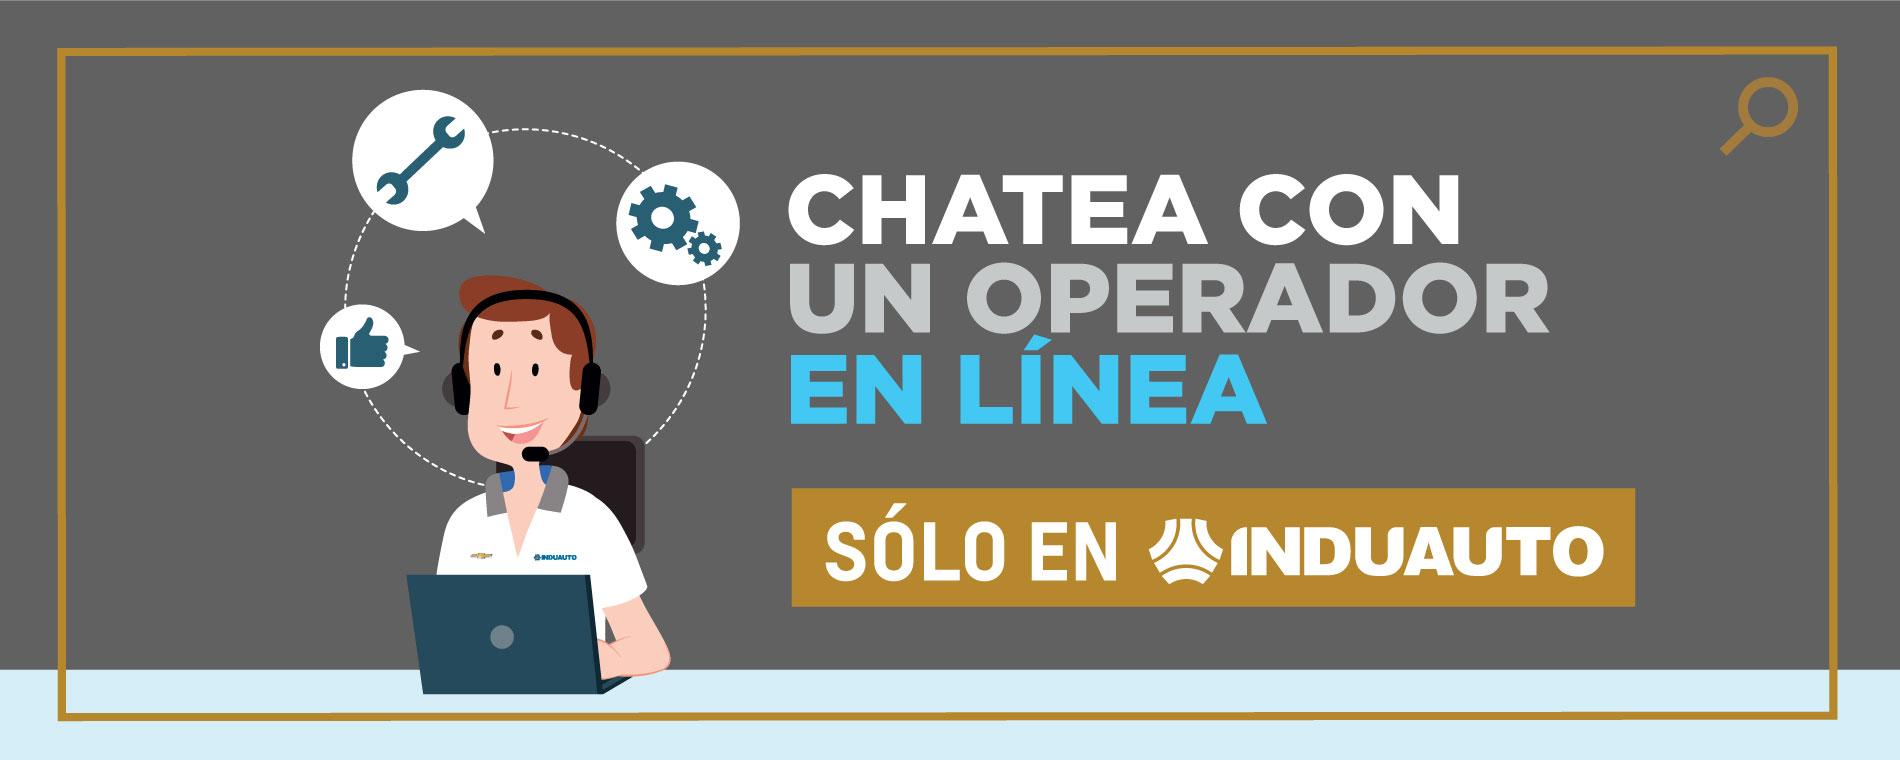 Chatea con un Operador en Línea